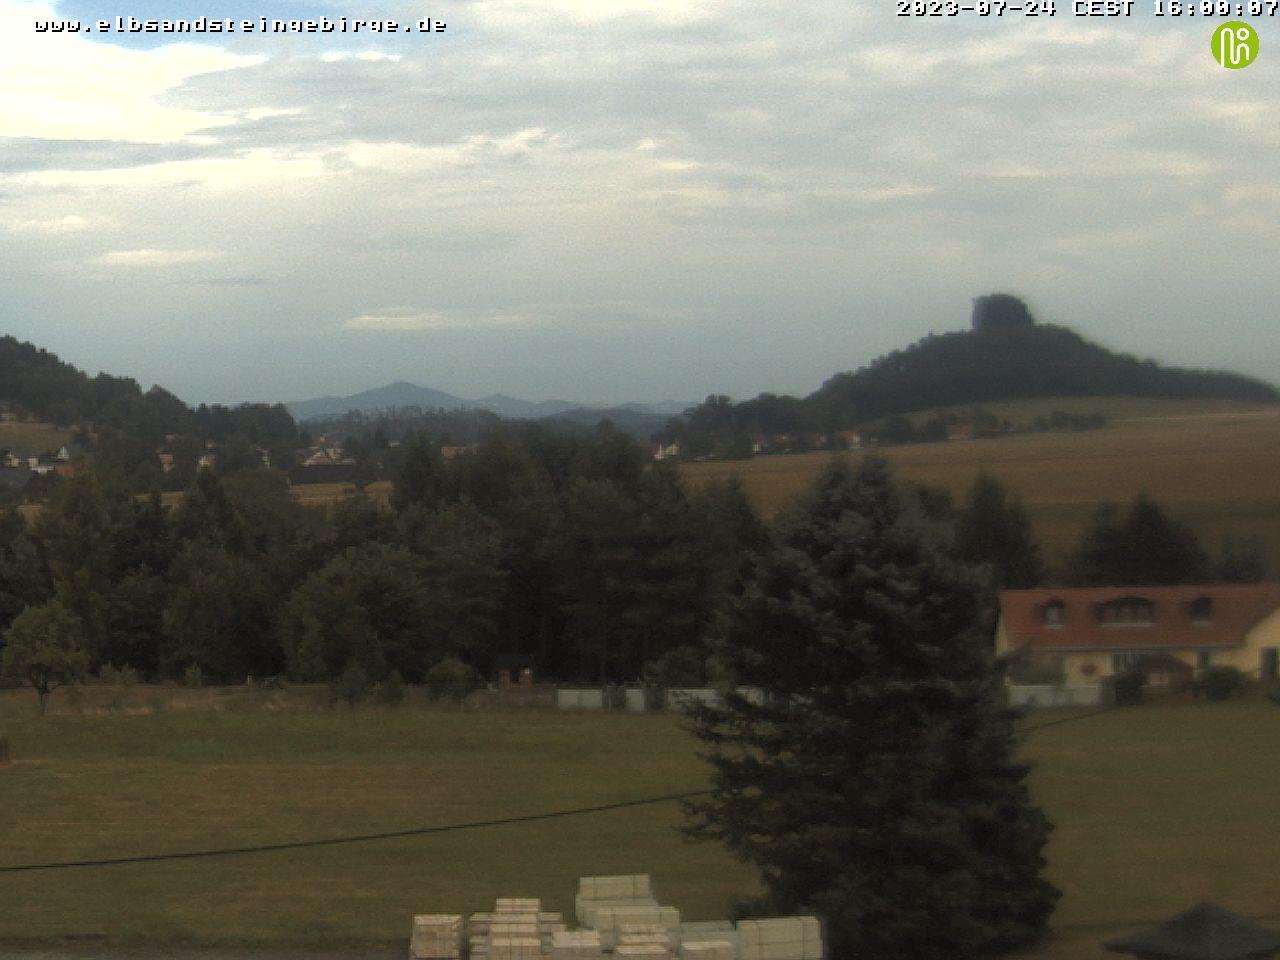 Elbsandsteingebirge - Webcam Zirkelstein